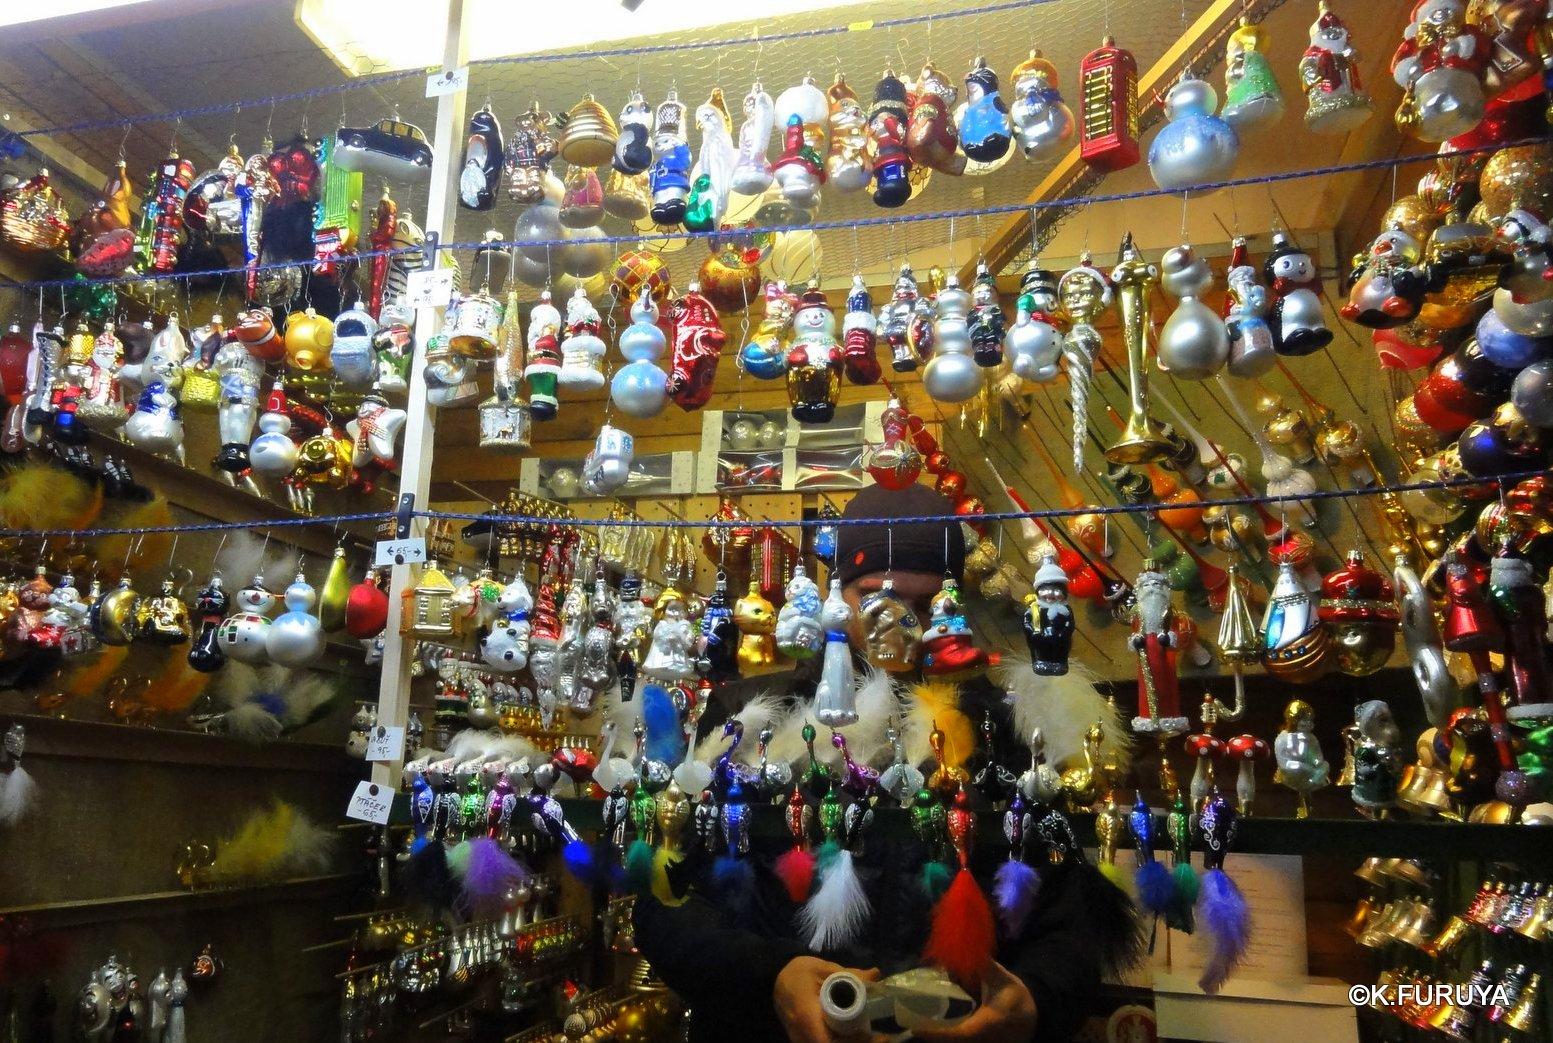 プラハ 14 旧市街広場のクリスマスマーケット_a0092659_23215251.jpg